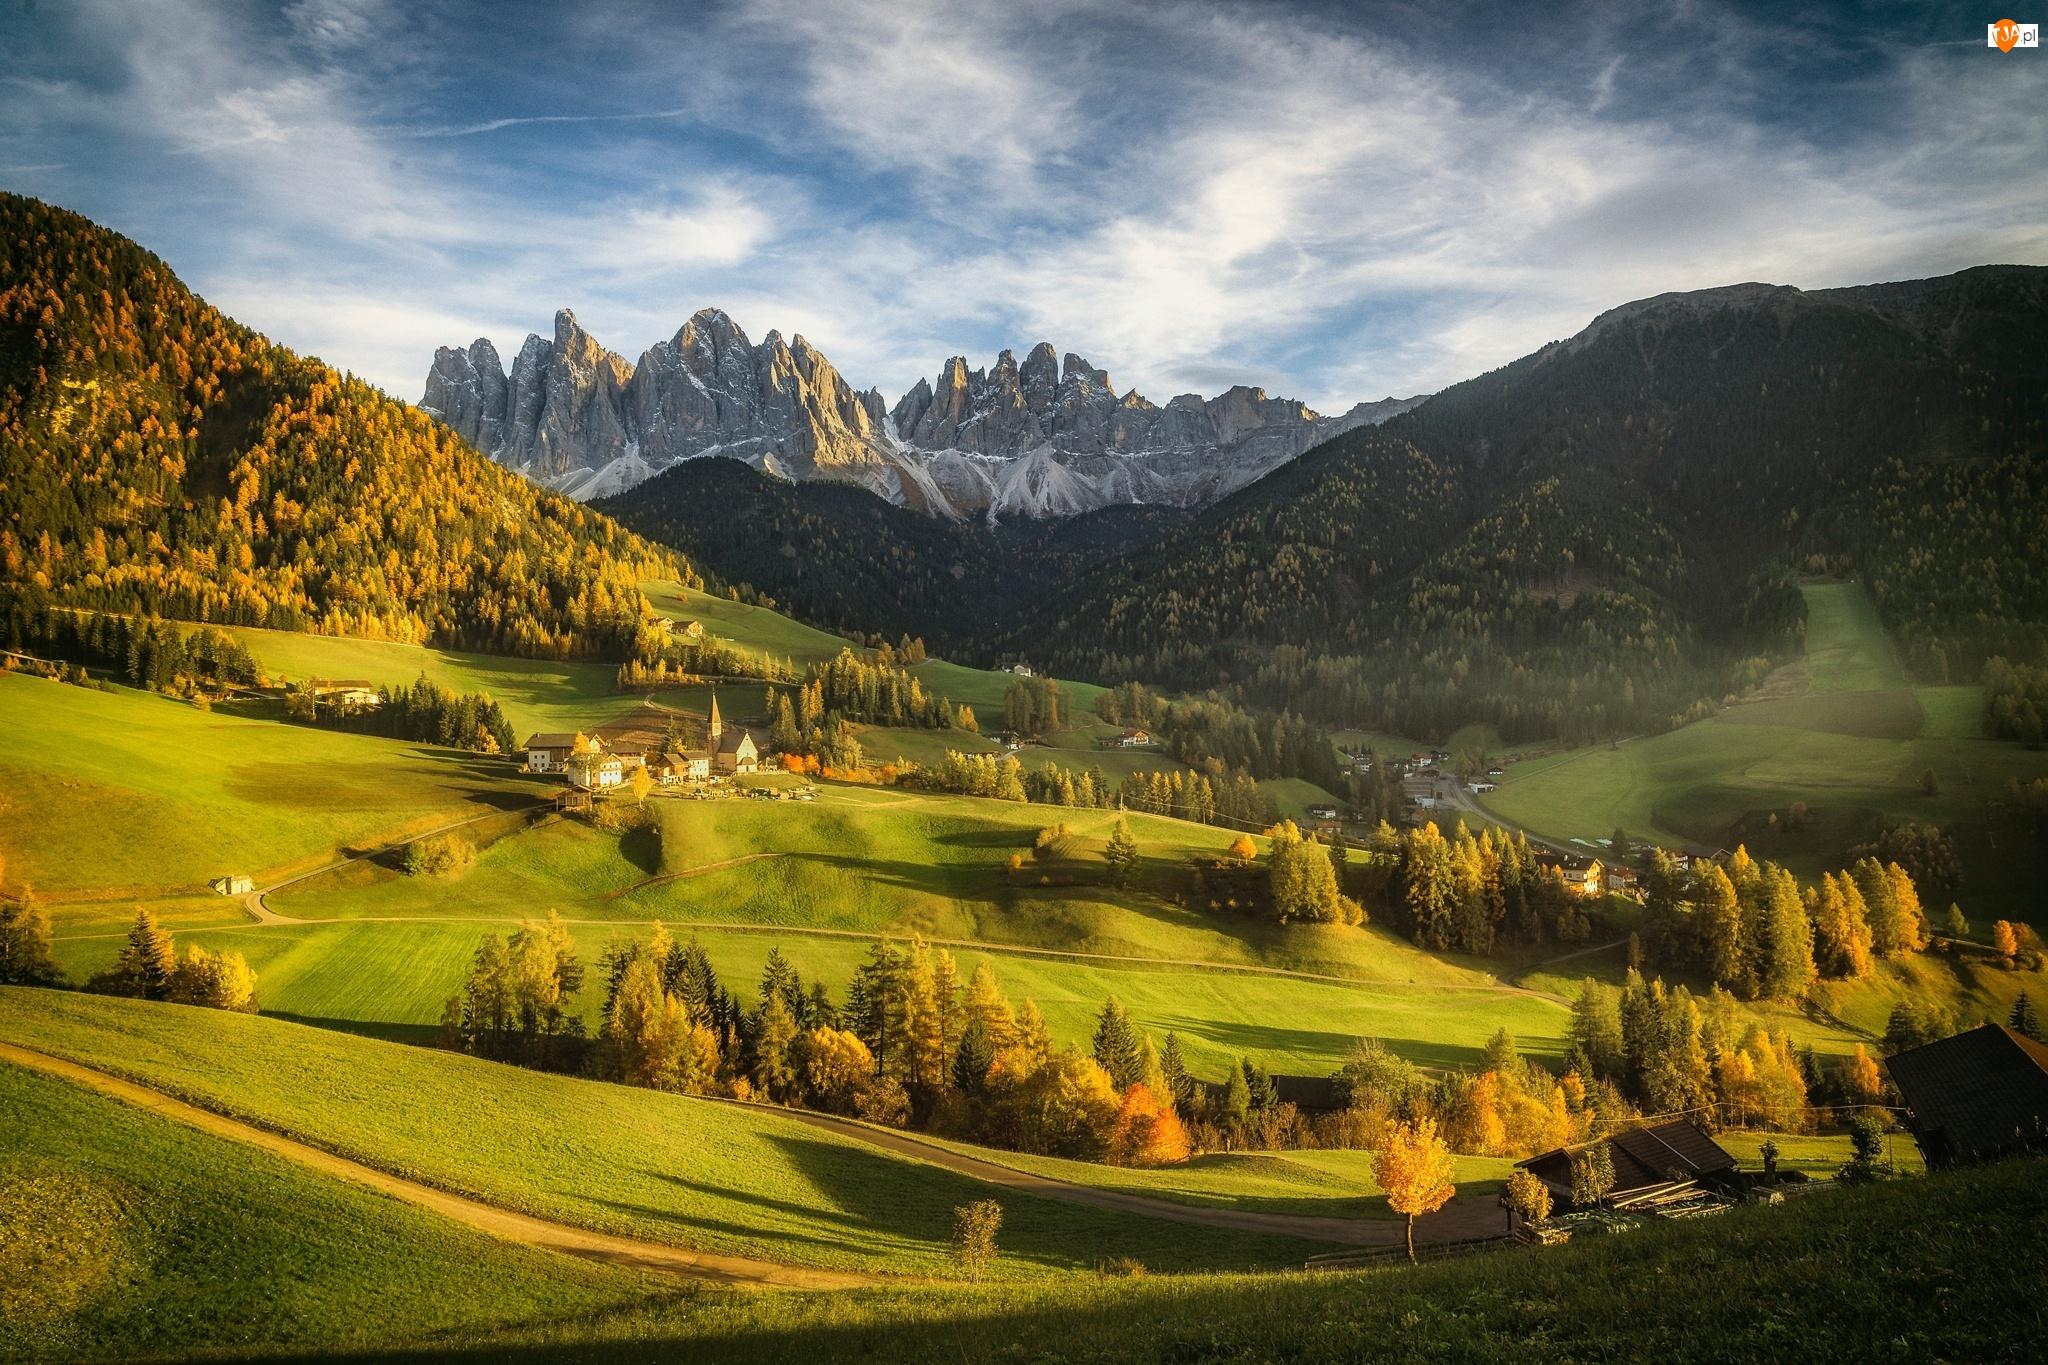 Drzewa, Góry, Jesień, Dolomity, Wieś Santa Maddalena, Włochy, Lasy, Dolina Val di Funes, Masyw Odle